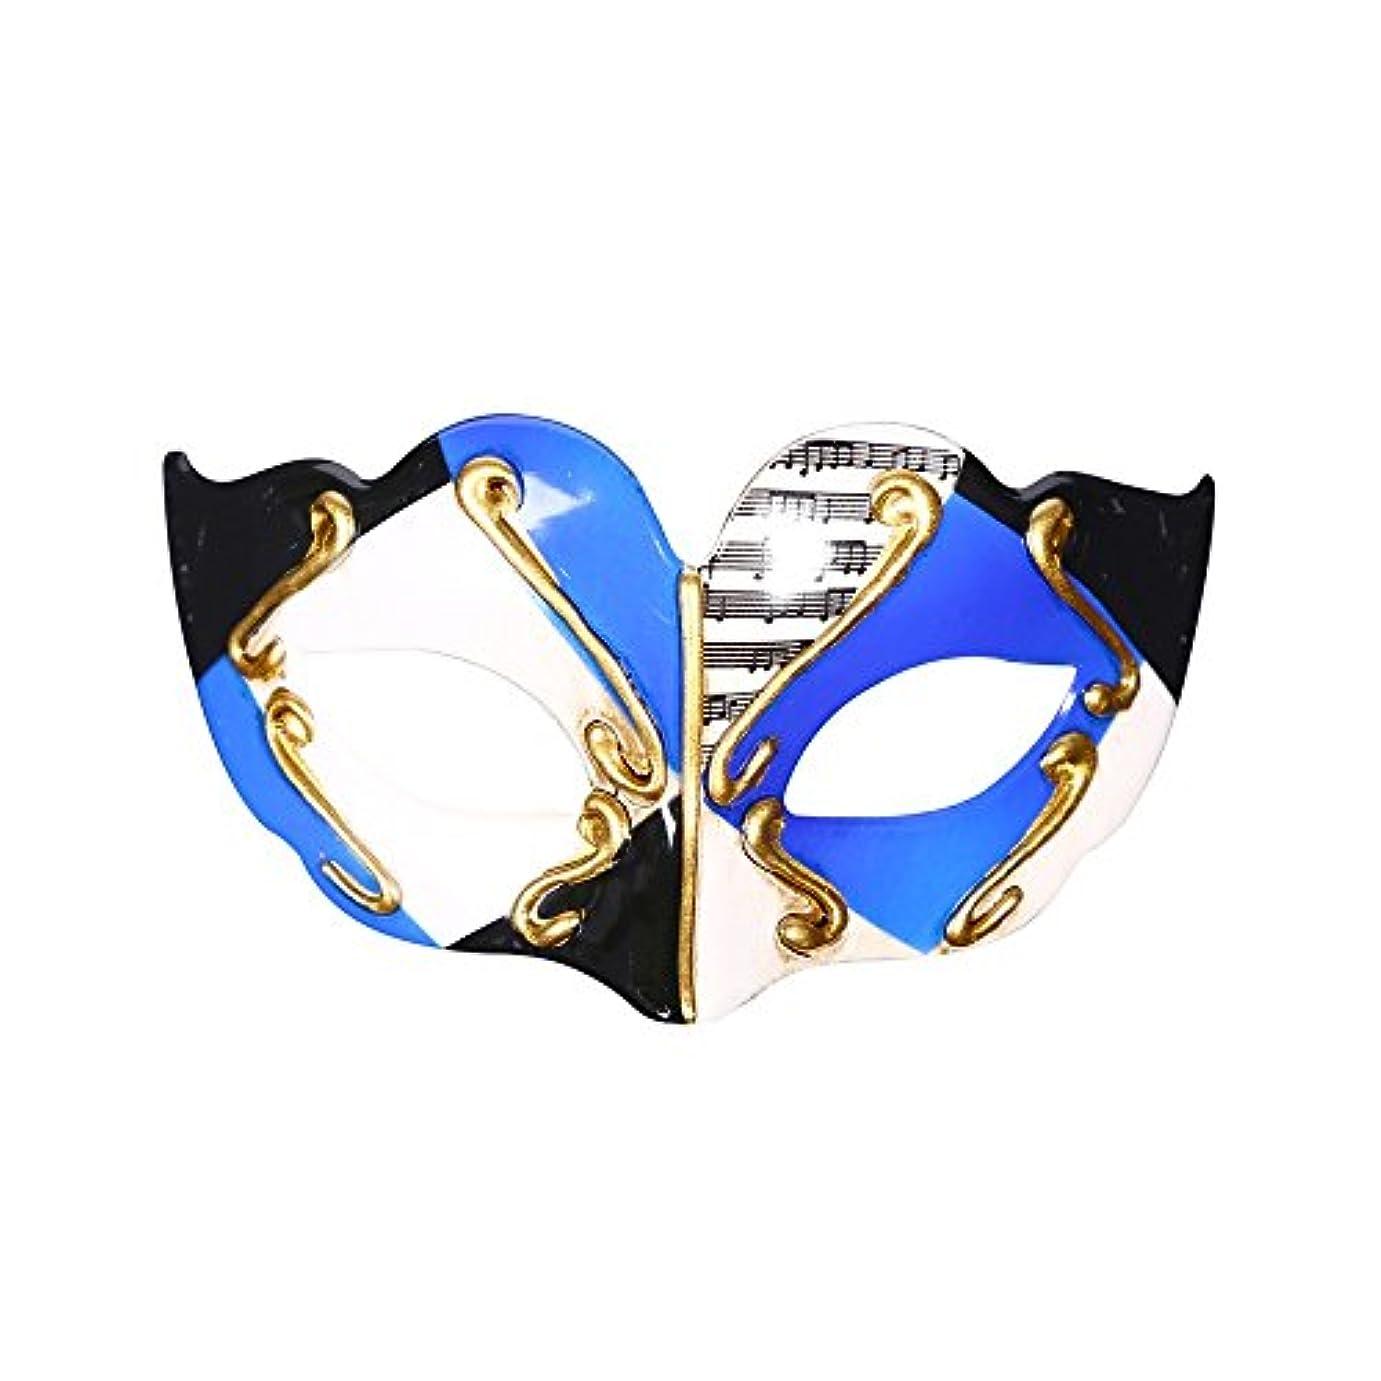 植生薄暗い修正ハロウィーン仮装マスクフラットヘッドハーフフェイスハードプラスチック子供用マスク (Color : #2)